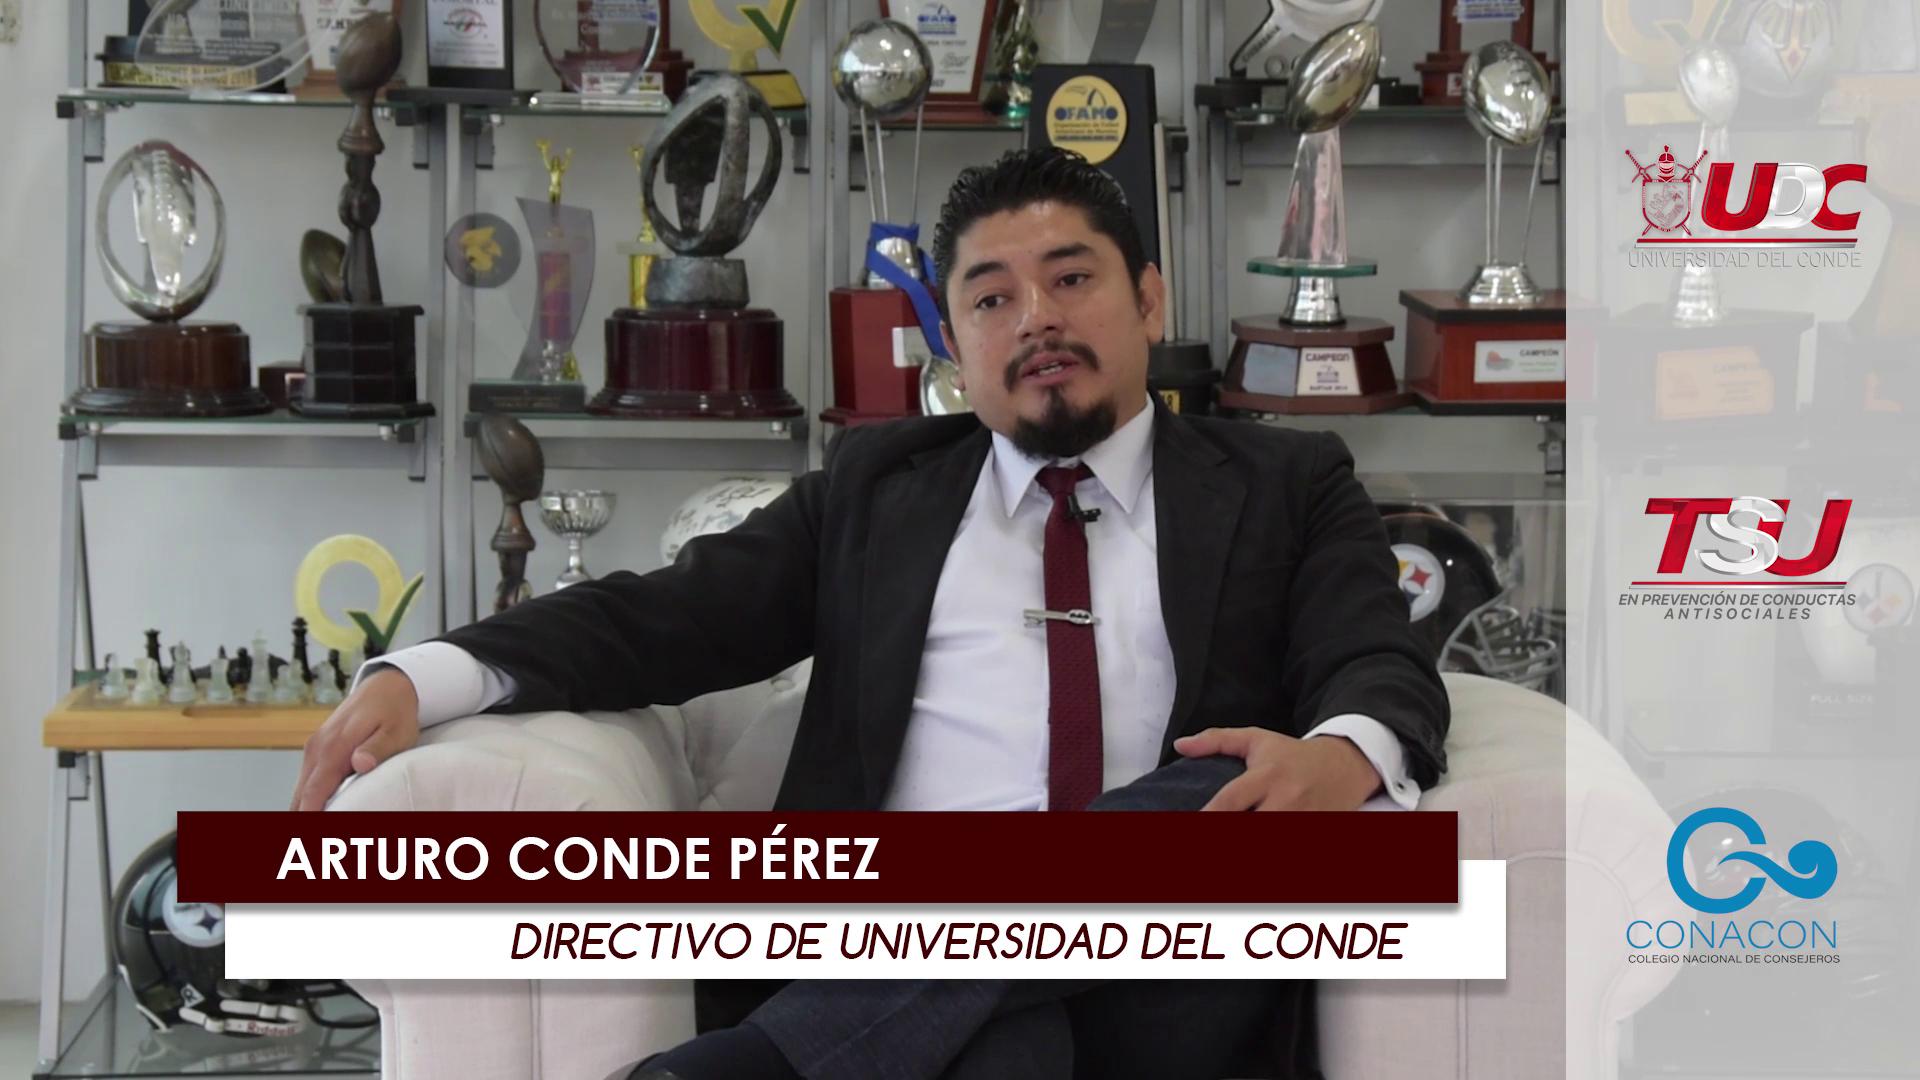 Aislamiento Y Fake News Disparan Enfermedades Mentales Durante La Cuarentena: Arturo Conde Pérez